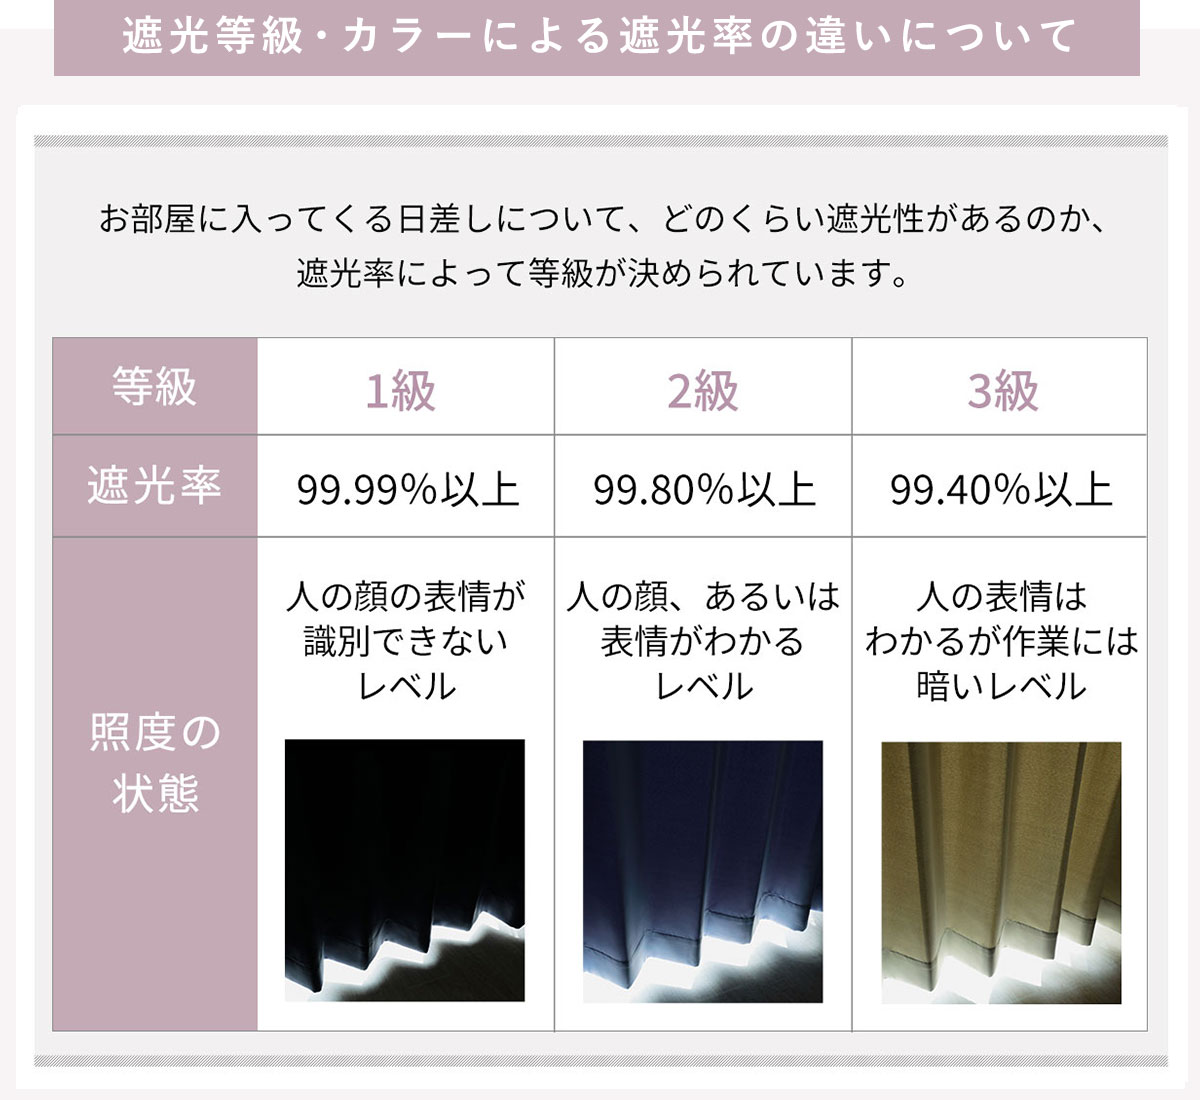 遮光等級・カラーによる遮光率の違いについて1